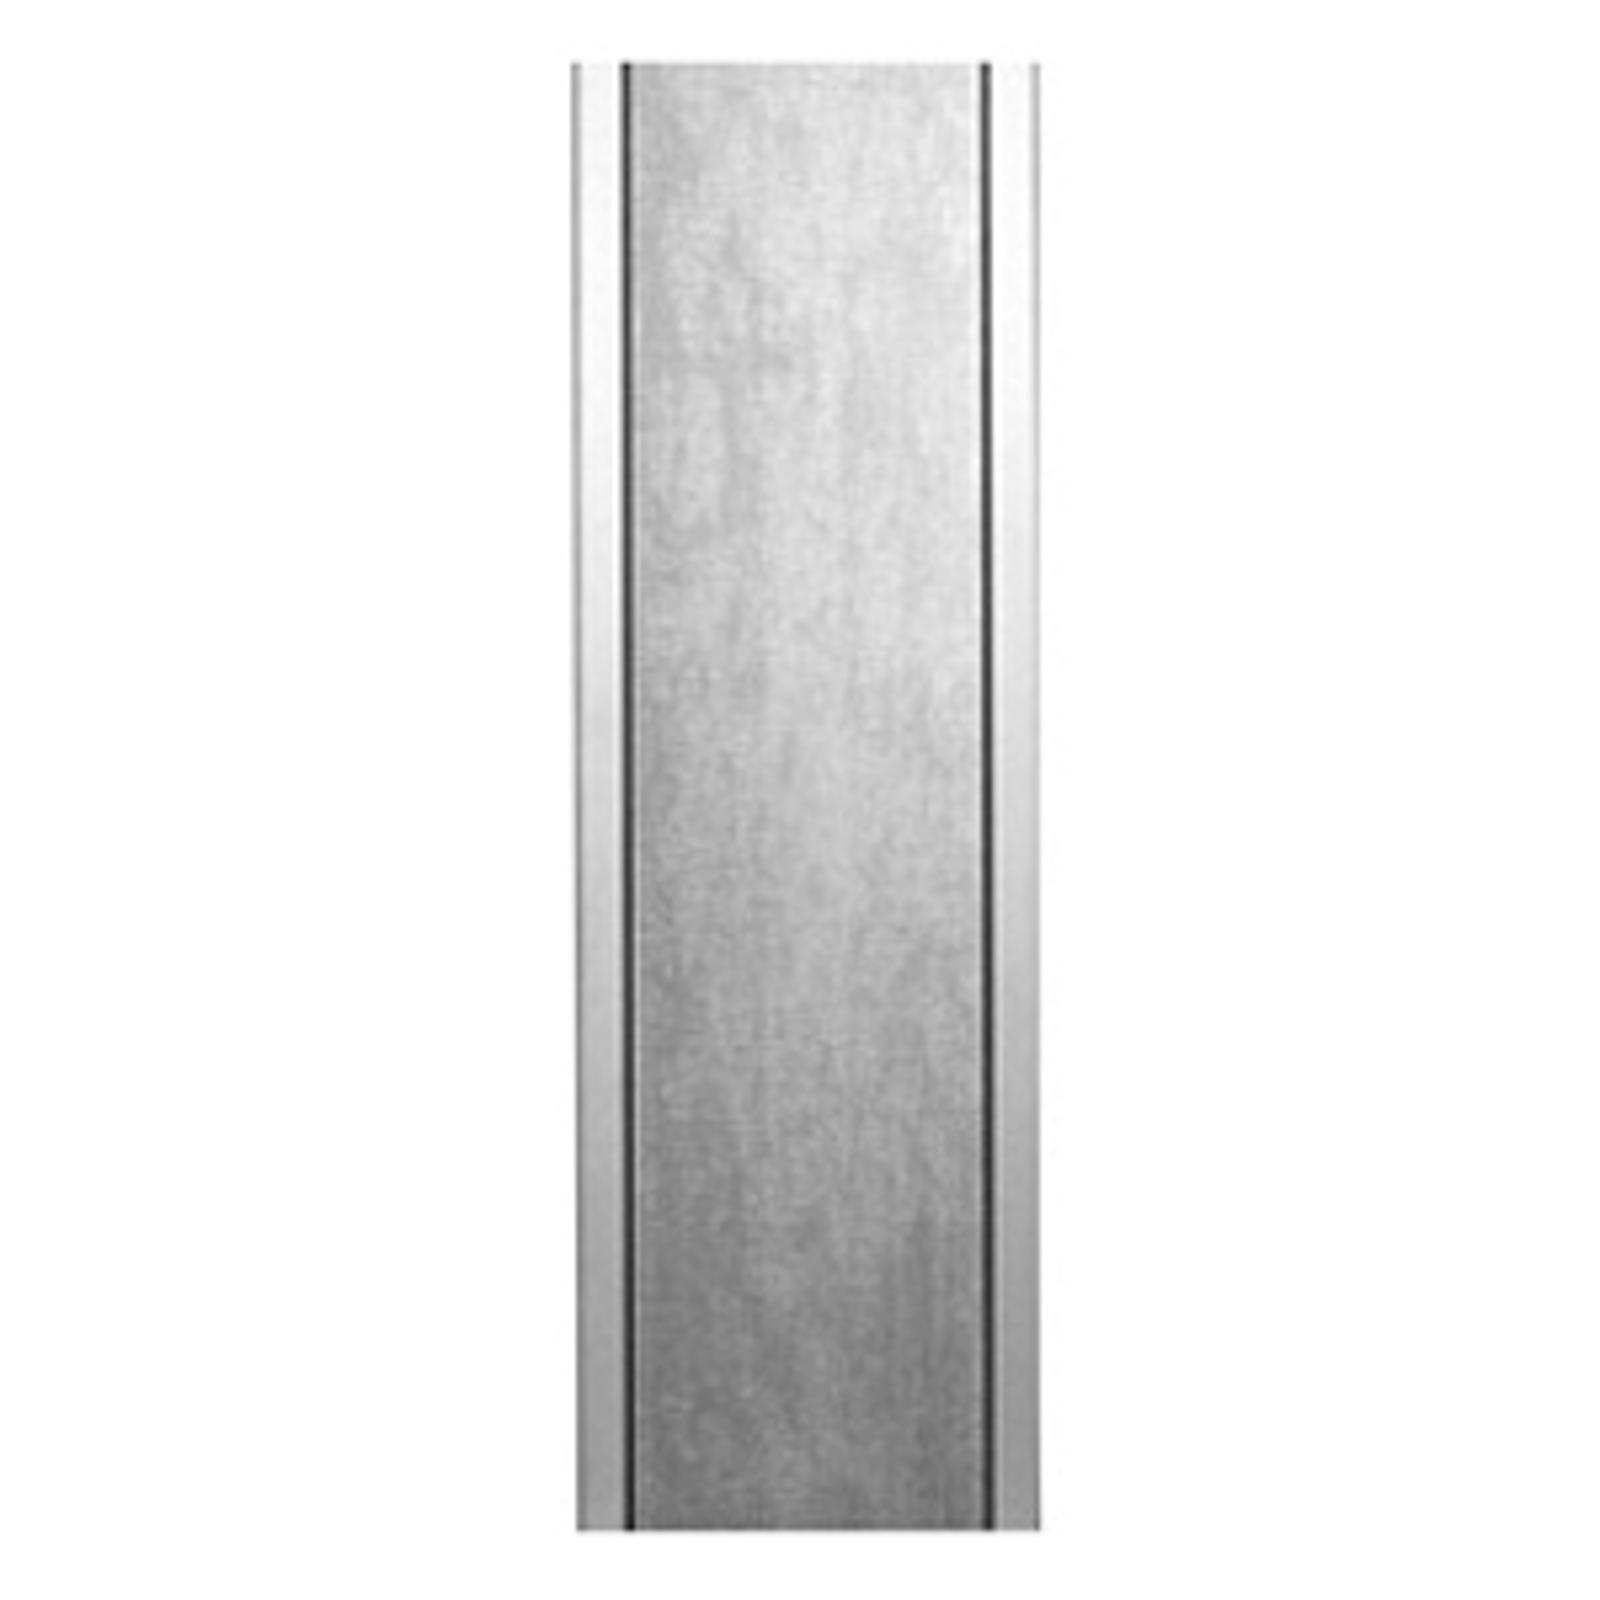 Elegant stolpe för postlådor Stand 1001, stål